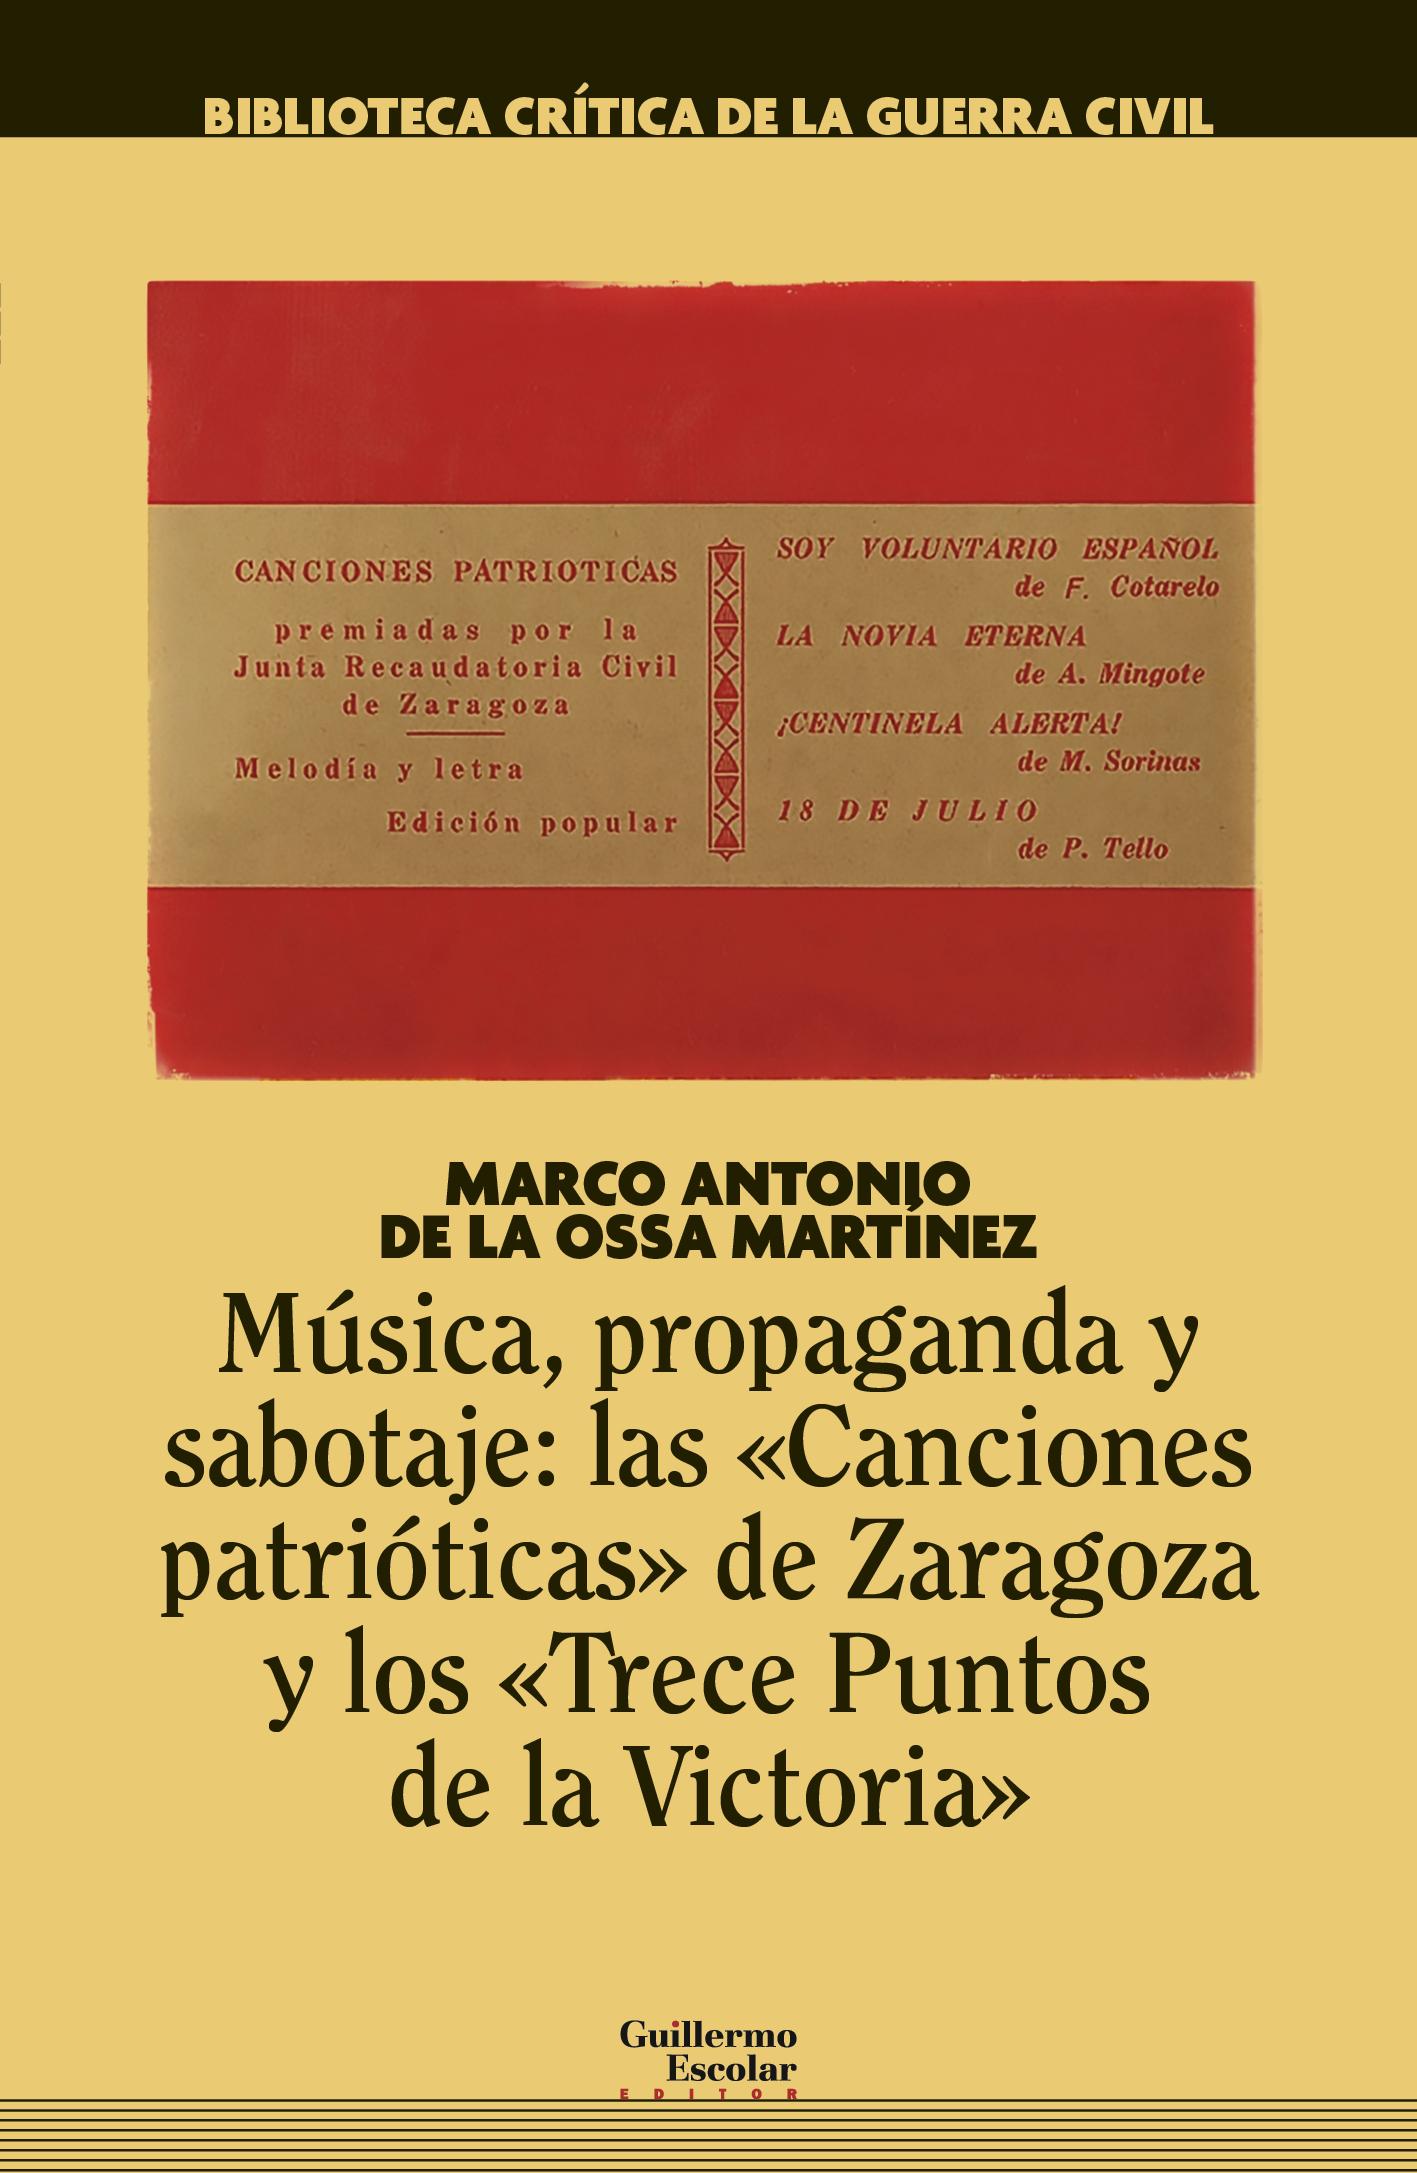 Música, propaganda y sabotaje: las Canciones patrióticas de Zaragoza «...y los Trece Puntos de la Victoria»